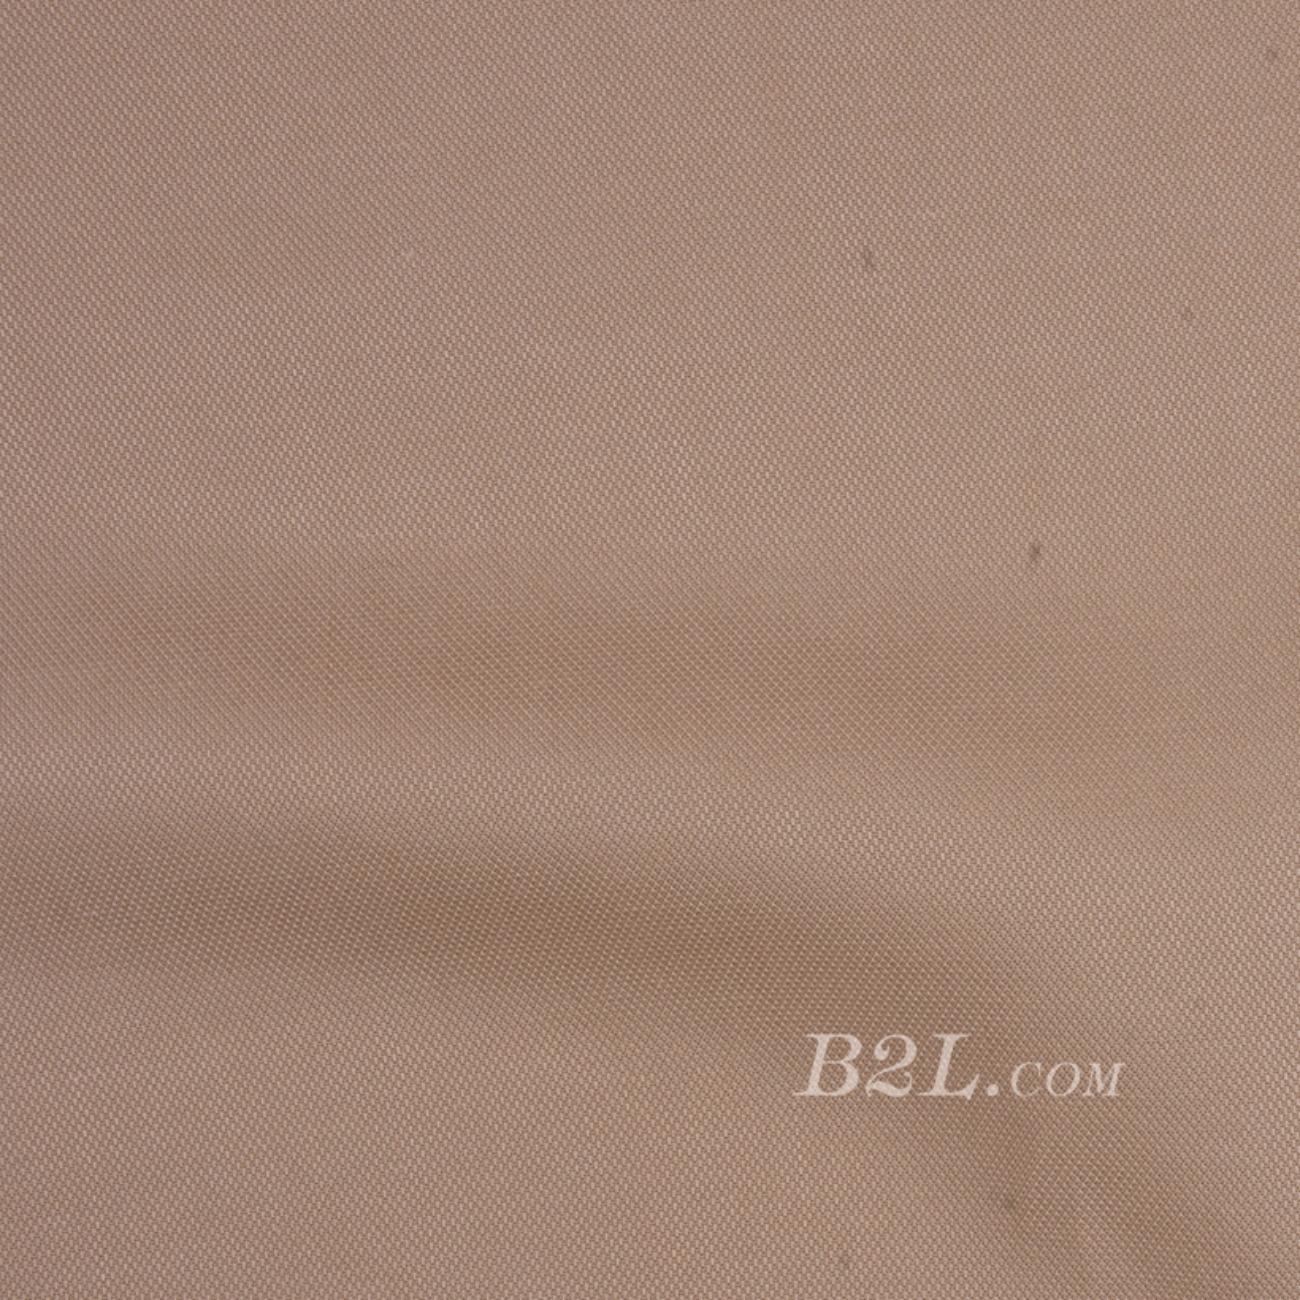 素色 梭织 染色 低弹 细腻 天丝 春秋 连衣裙 衬衫 81012-33